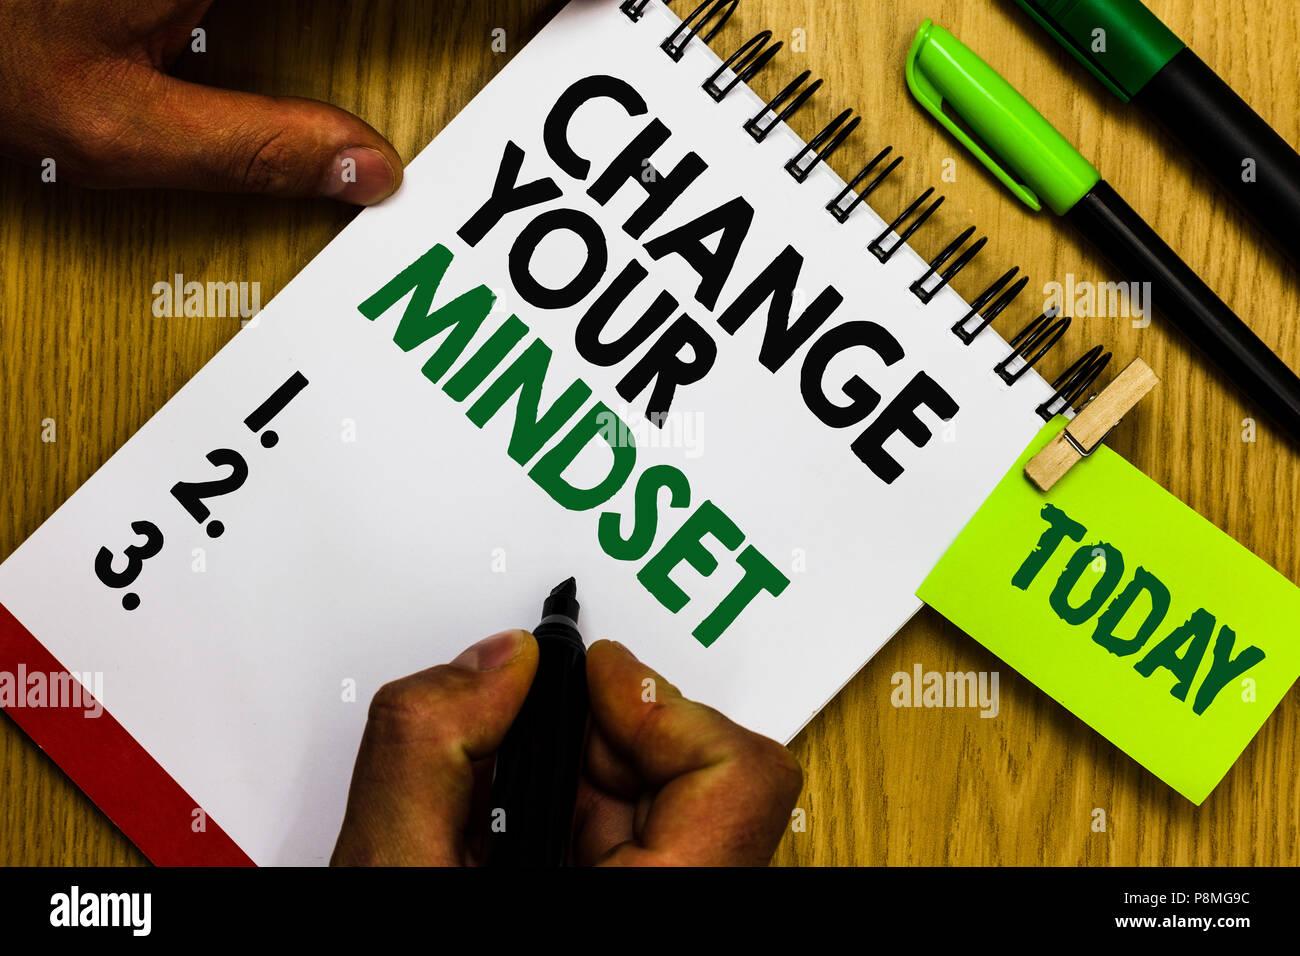 La Credenza Significato : Scrittura testo modifica la tua mentalità. concetto significato